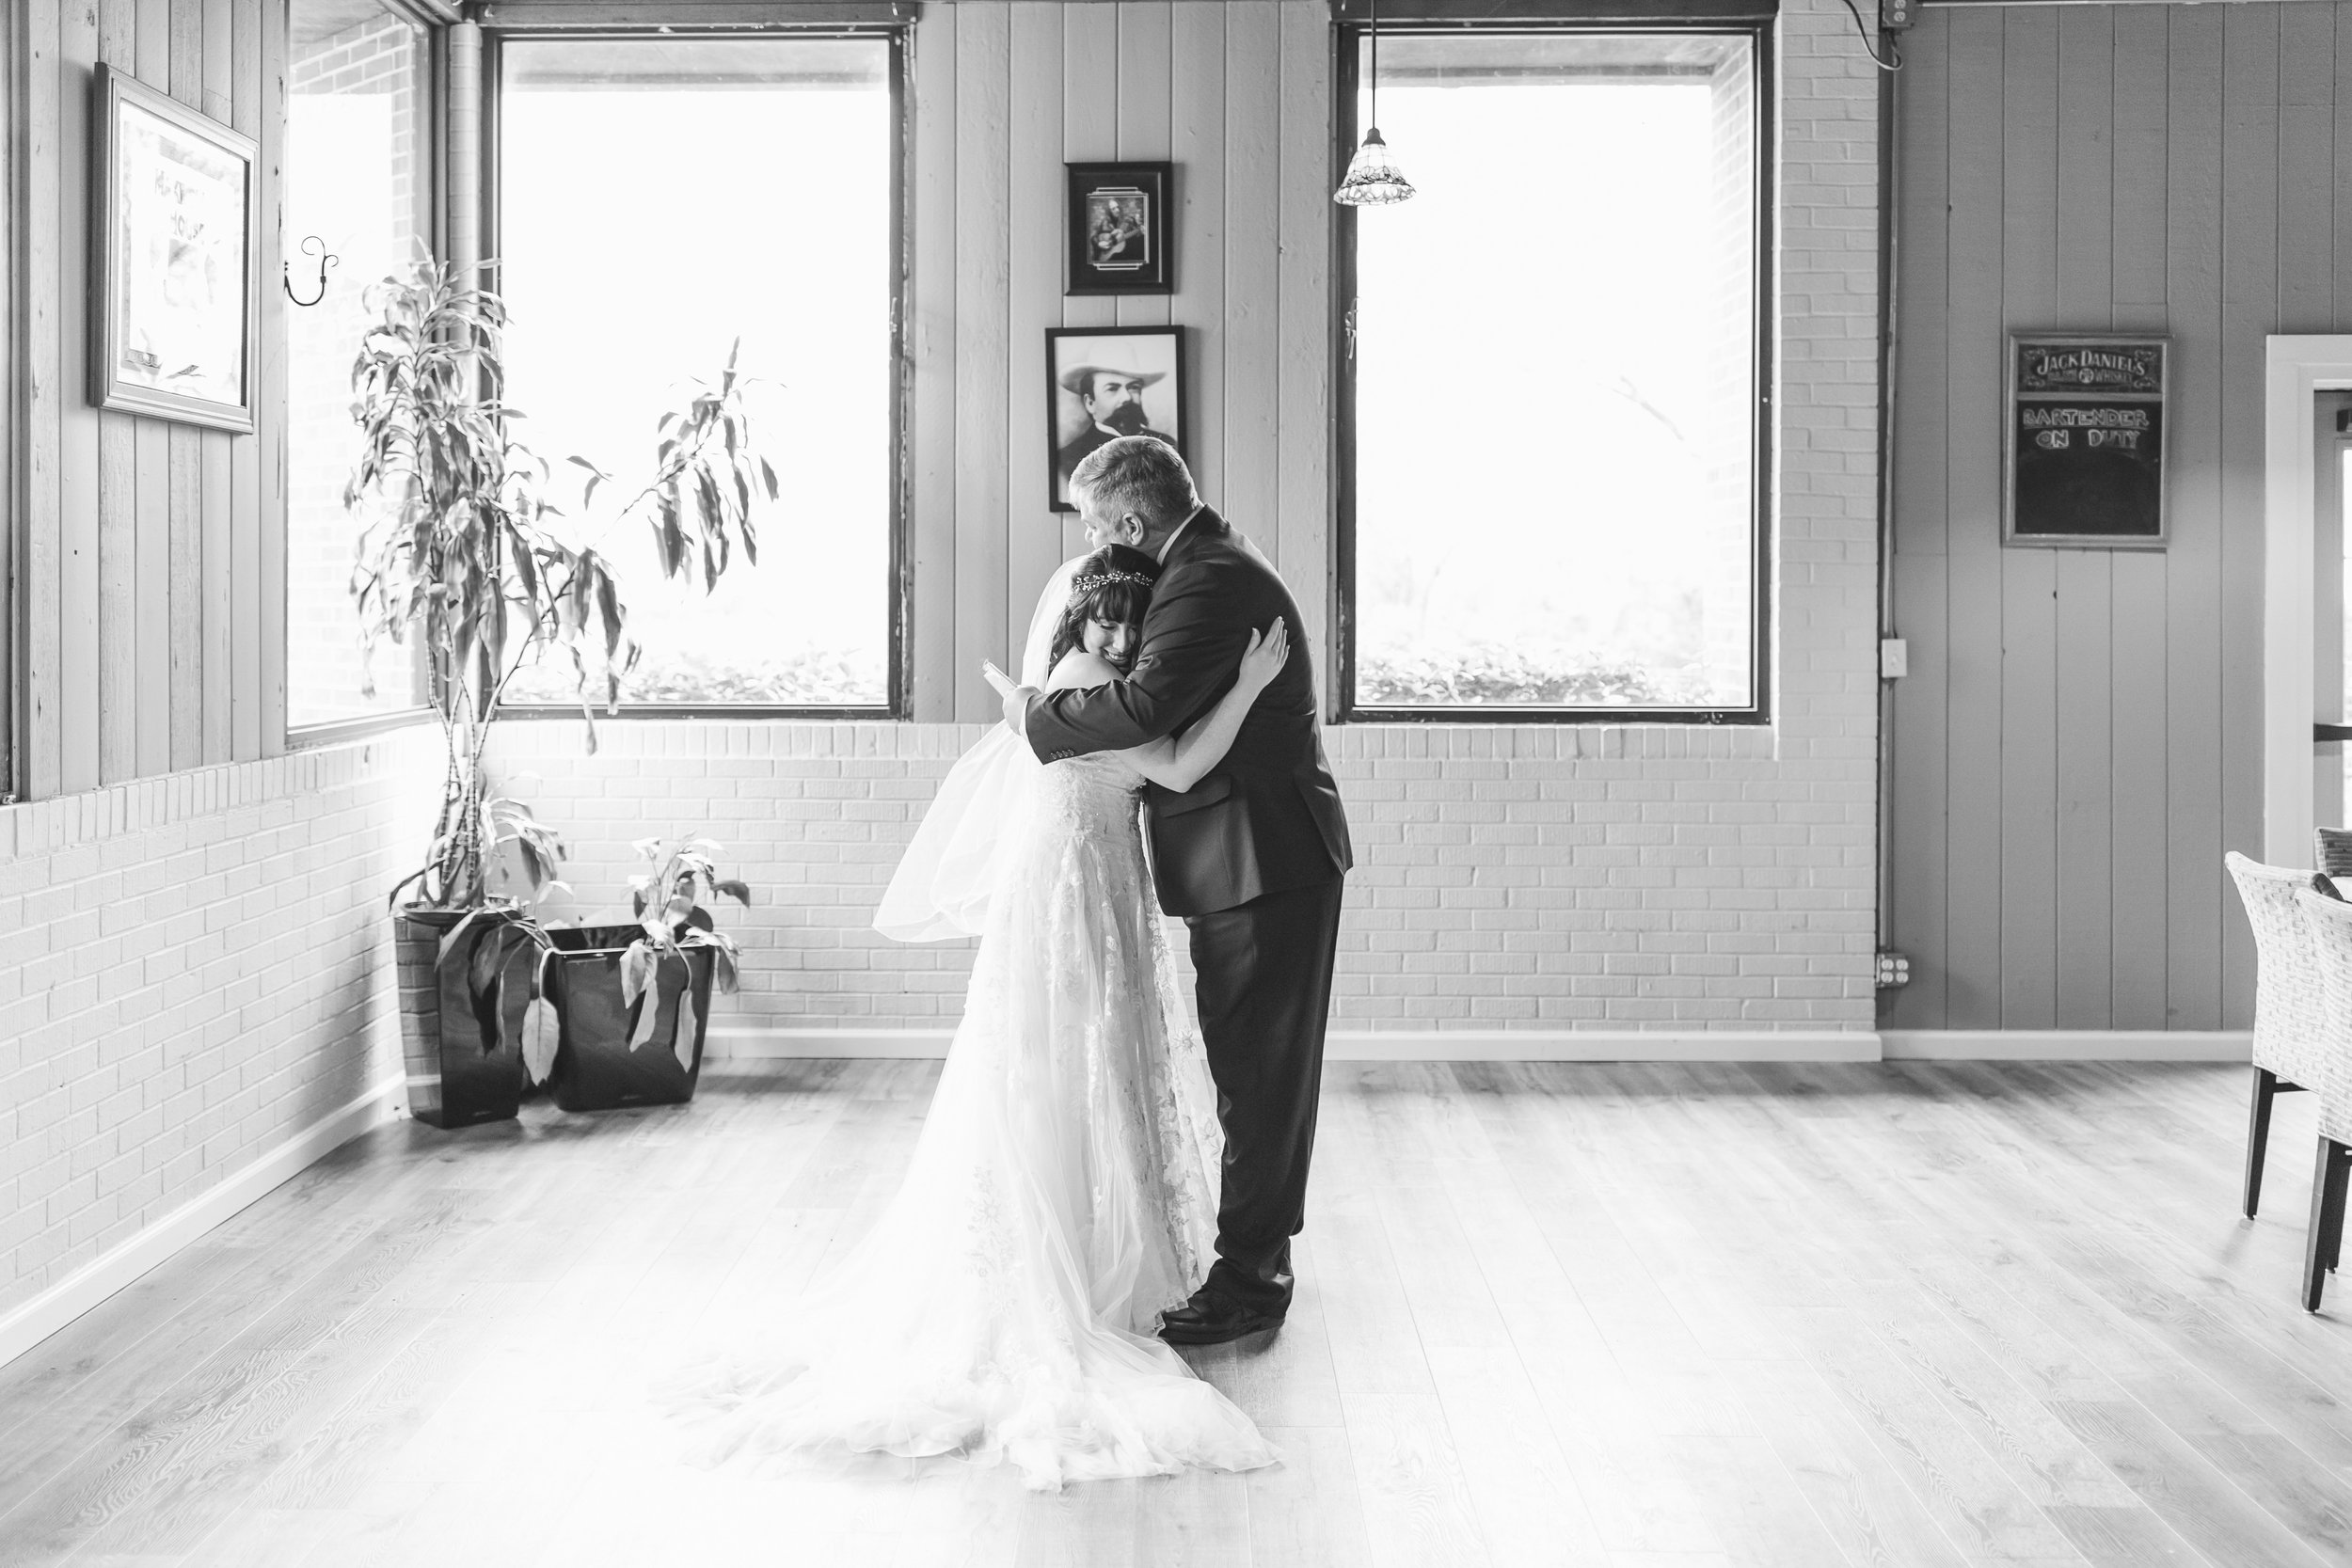 108_Colin+Jessica_WeddingBW.jpg